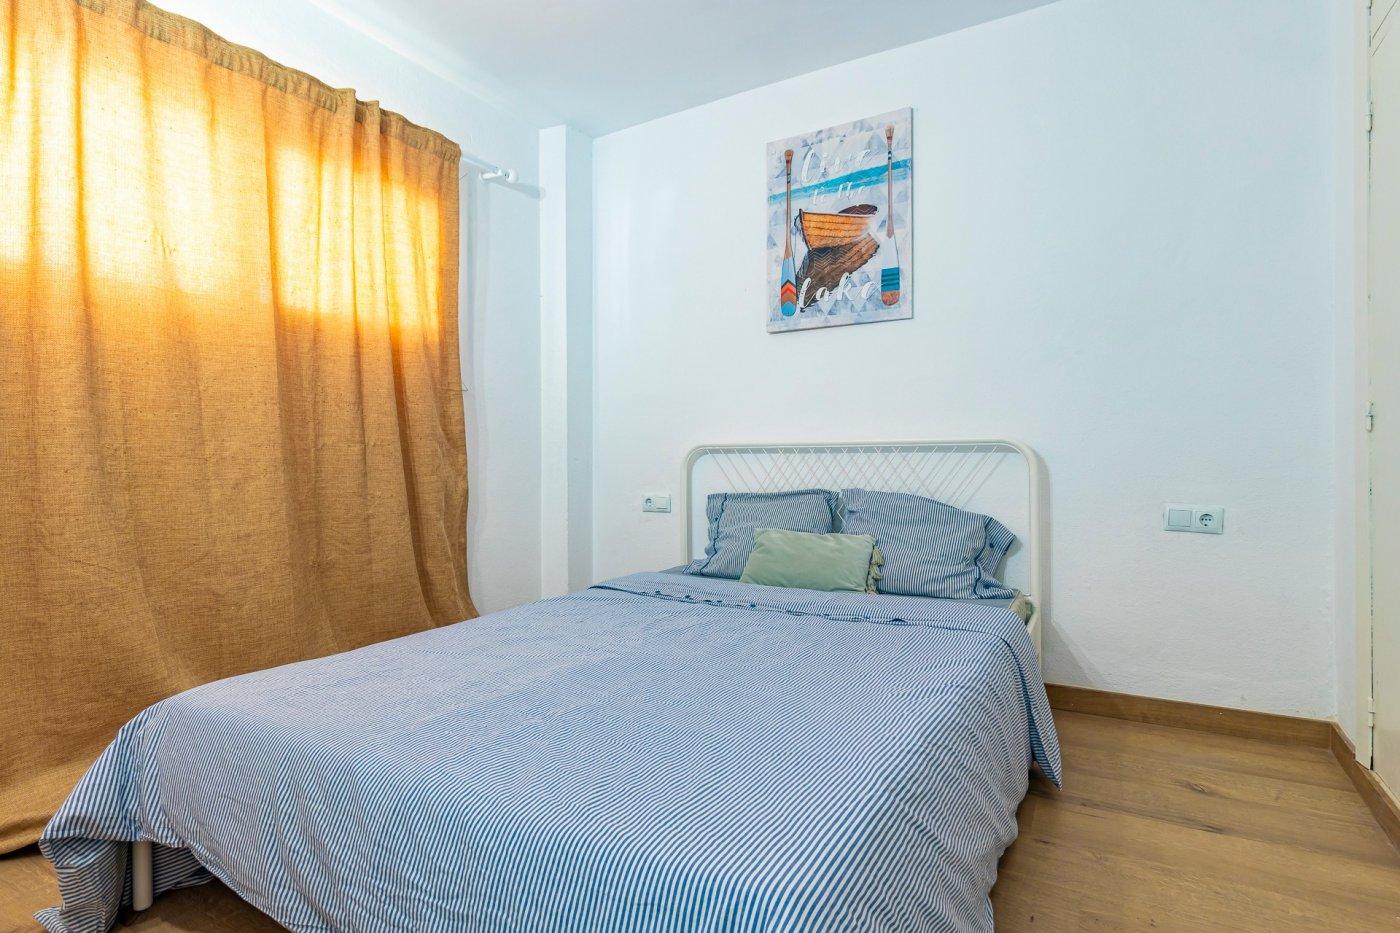 Precioso apartamento con vistas al mar en magaluf, calvia - imagenInmueble7